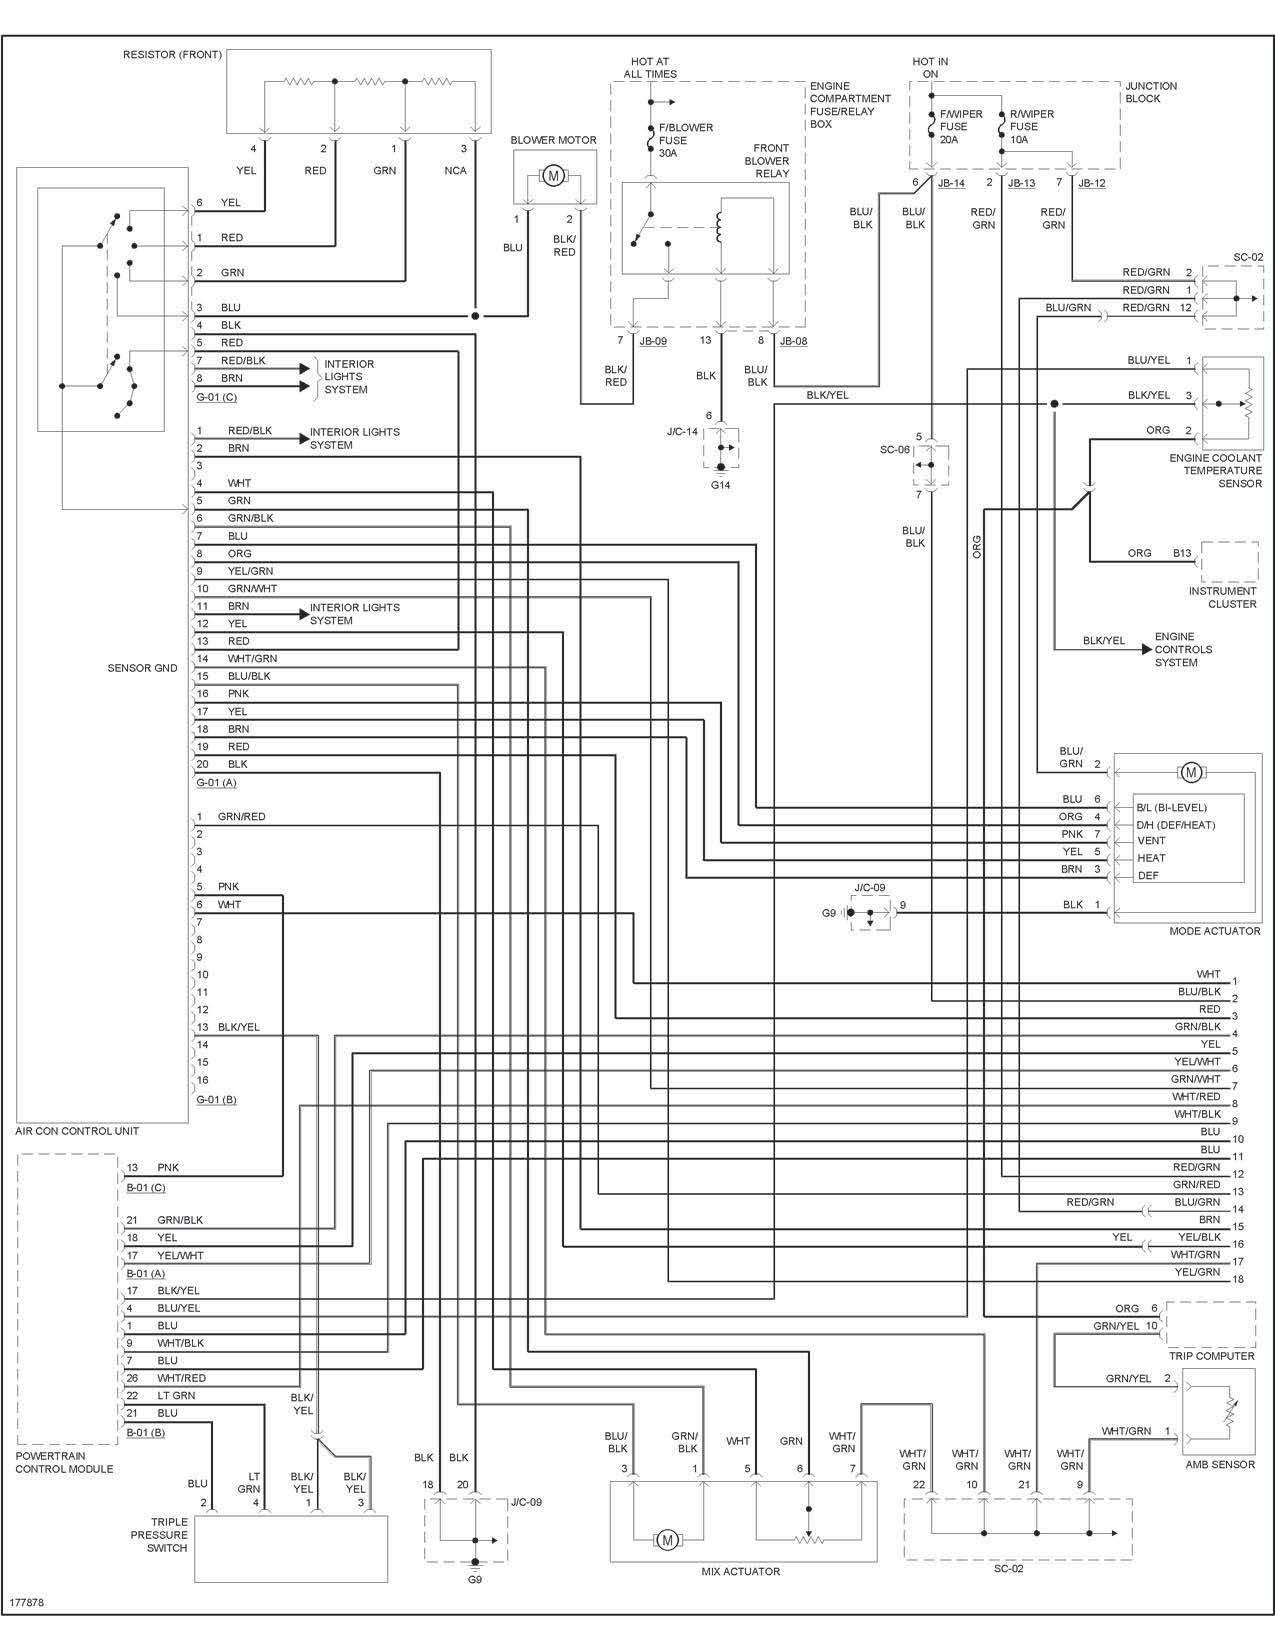 2005 Kia Sedona Engine Diagram Kia Spectra Engine Diagram Kia Sedona Engine Diagram Wiring with Of 2005 Kia Sedona Engine Diagram